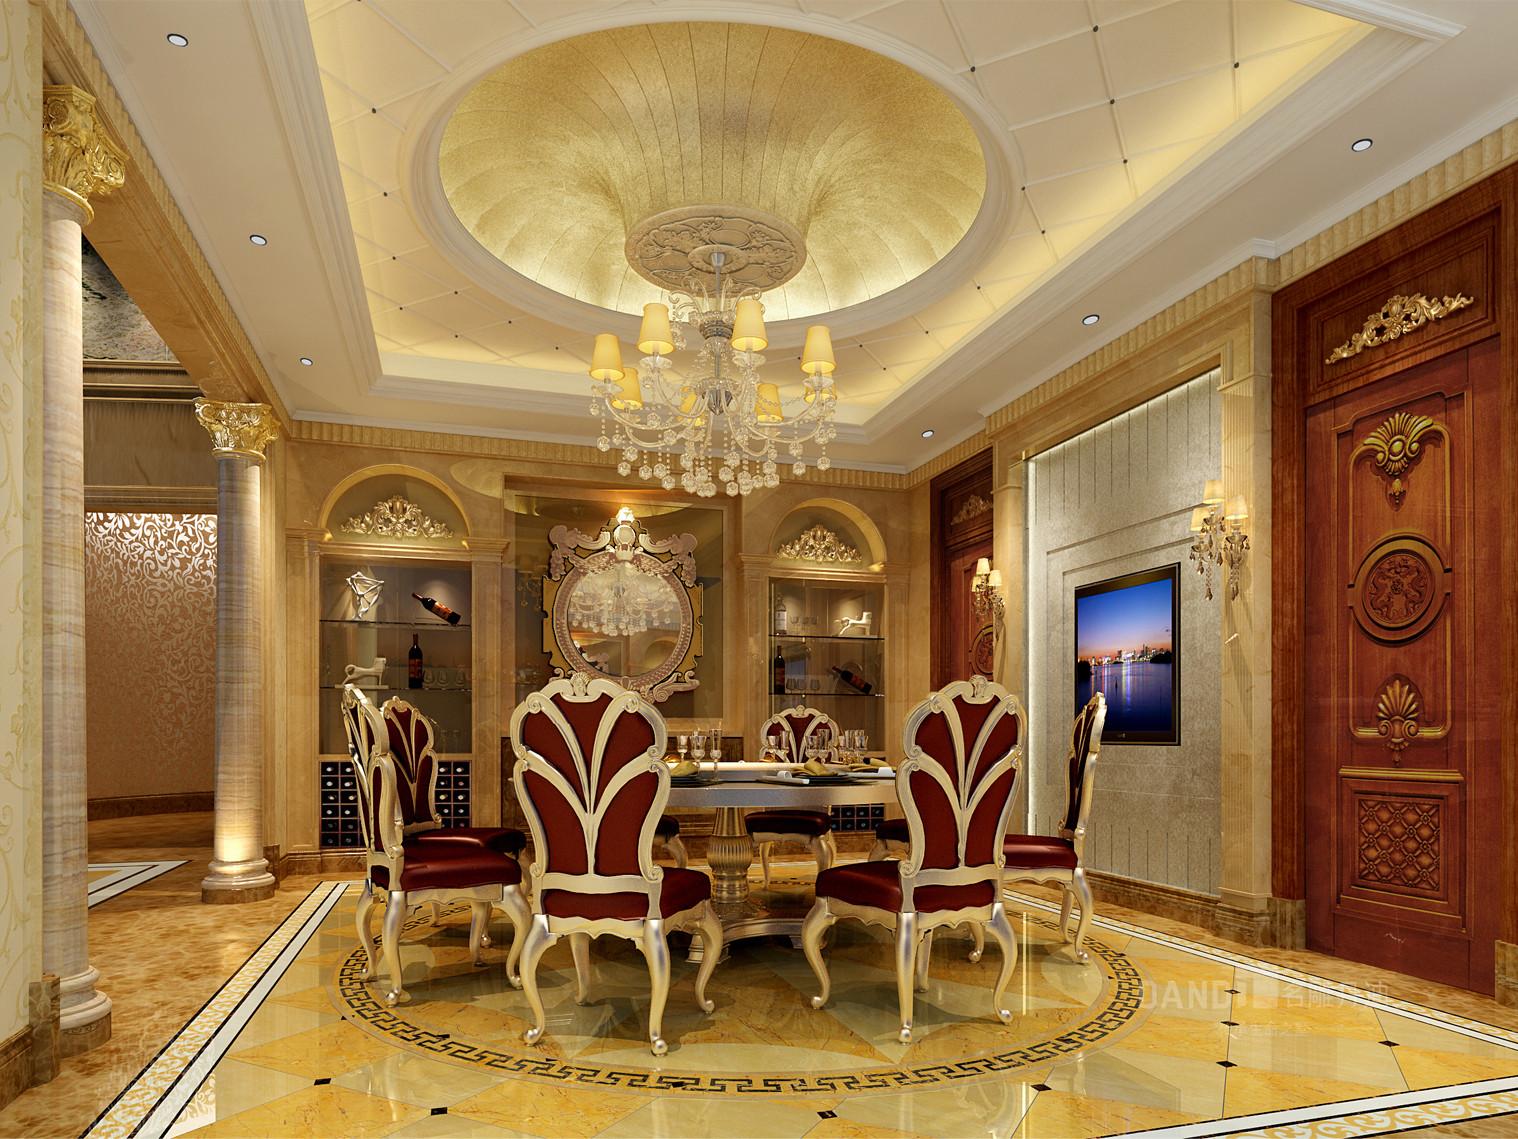 欧式 餐厅图片来自名雕丹迪在白垤里嘉园1000平欧式风格的分享